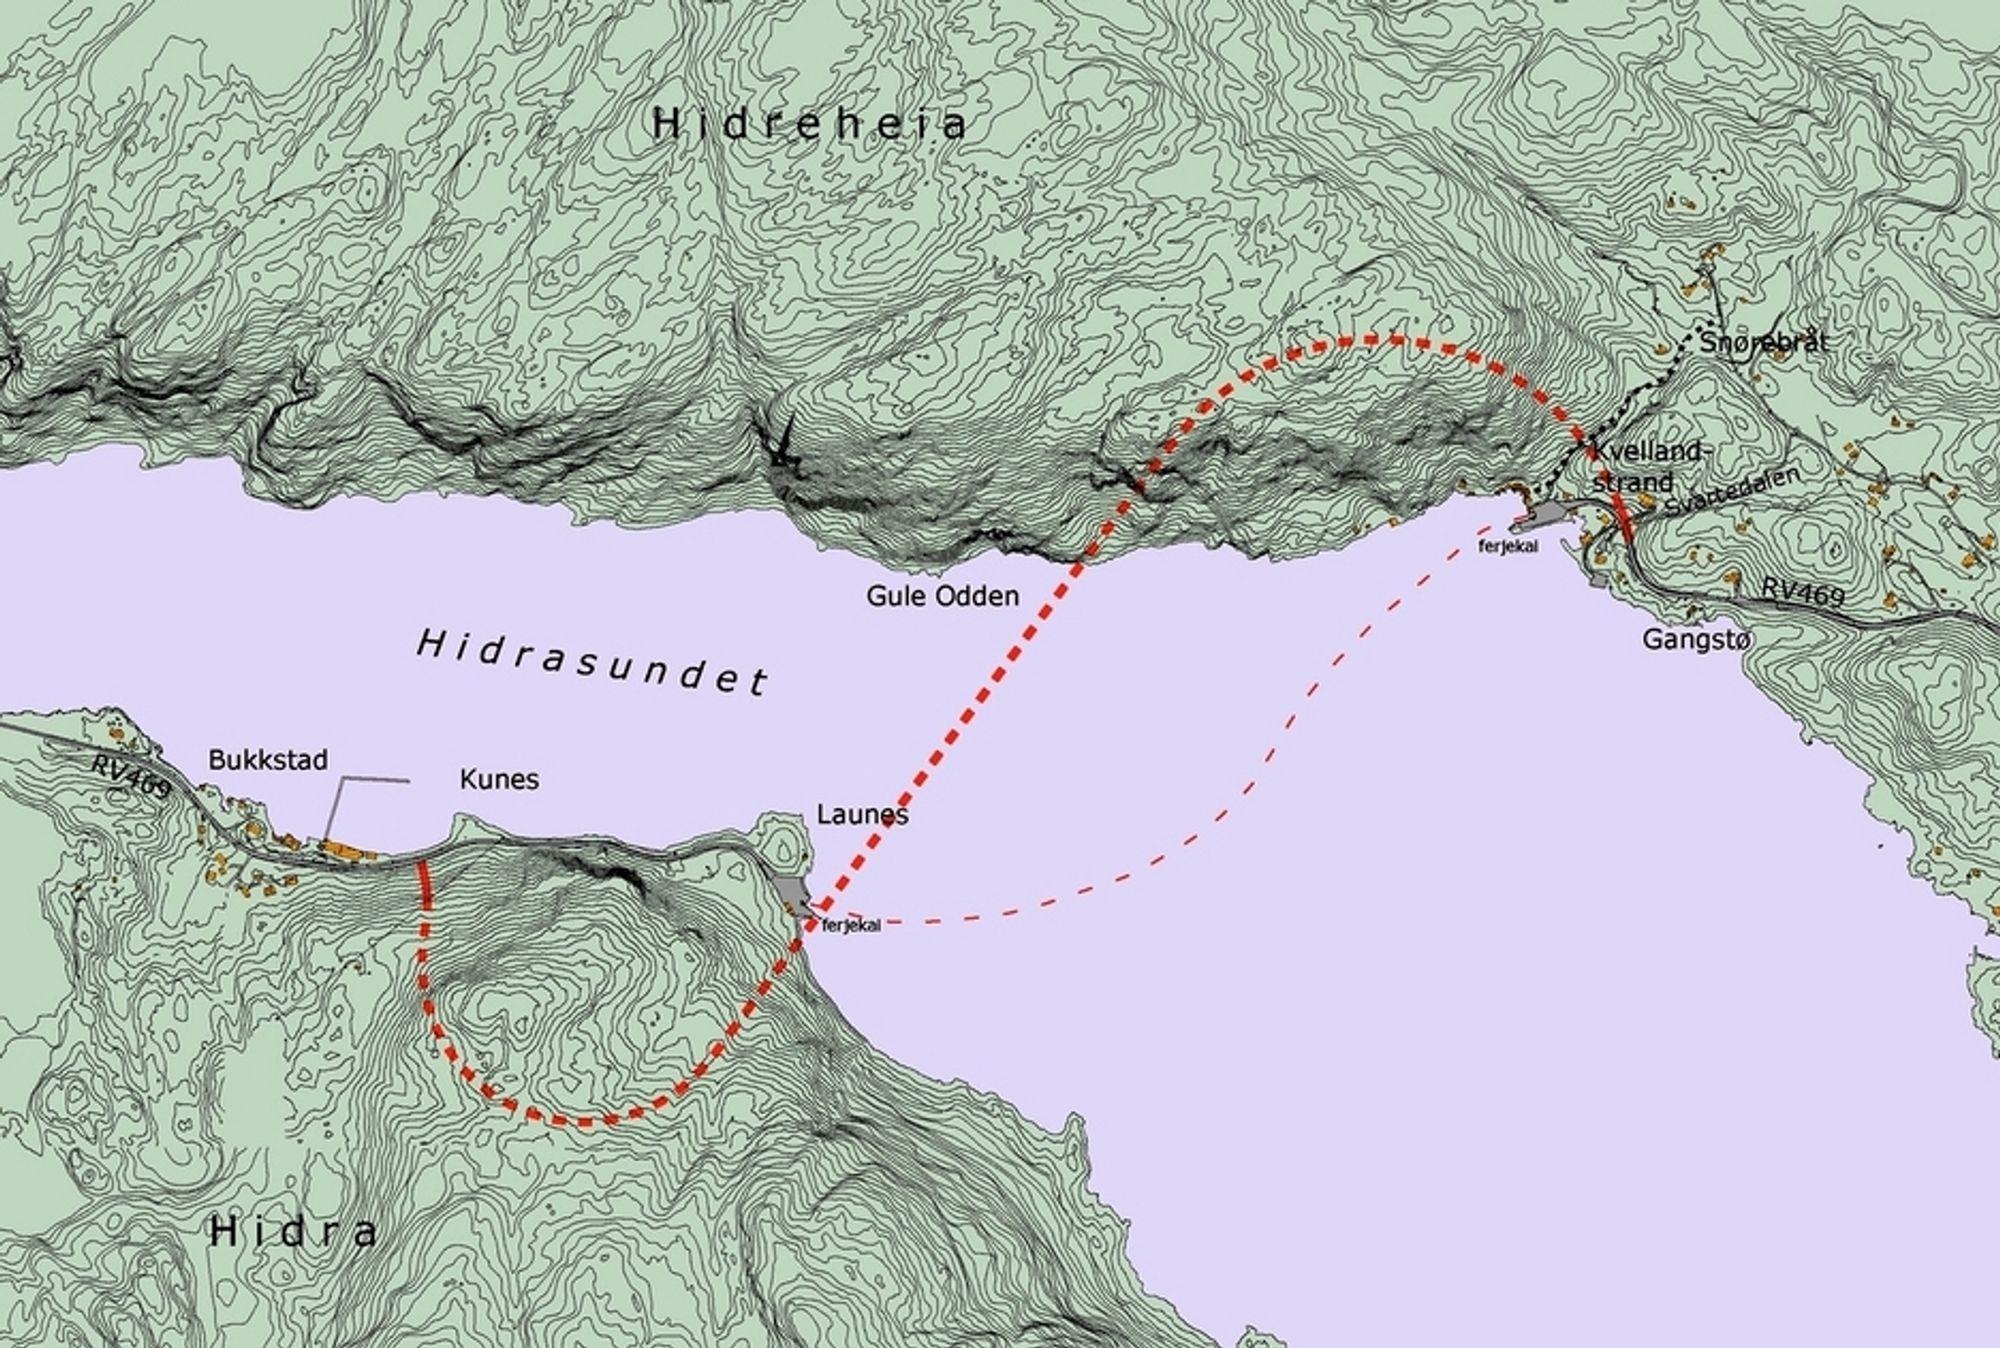 Tunnelen under Hidrasundet får en tilnærmet S-formet trasé. Vegvesenet håper den er klar til bruk før konsesjonen til Flekkefjord Dampskipselskap går ut ved utgangen av 2013.